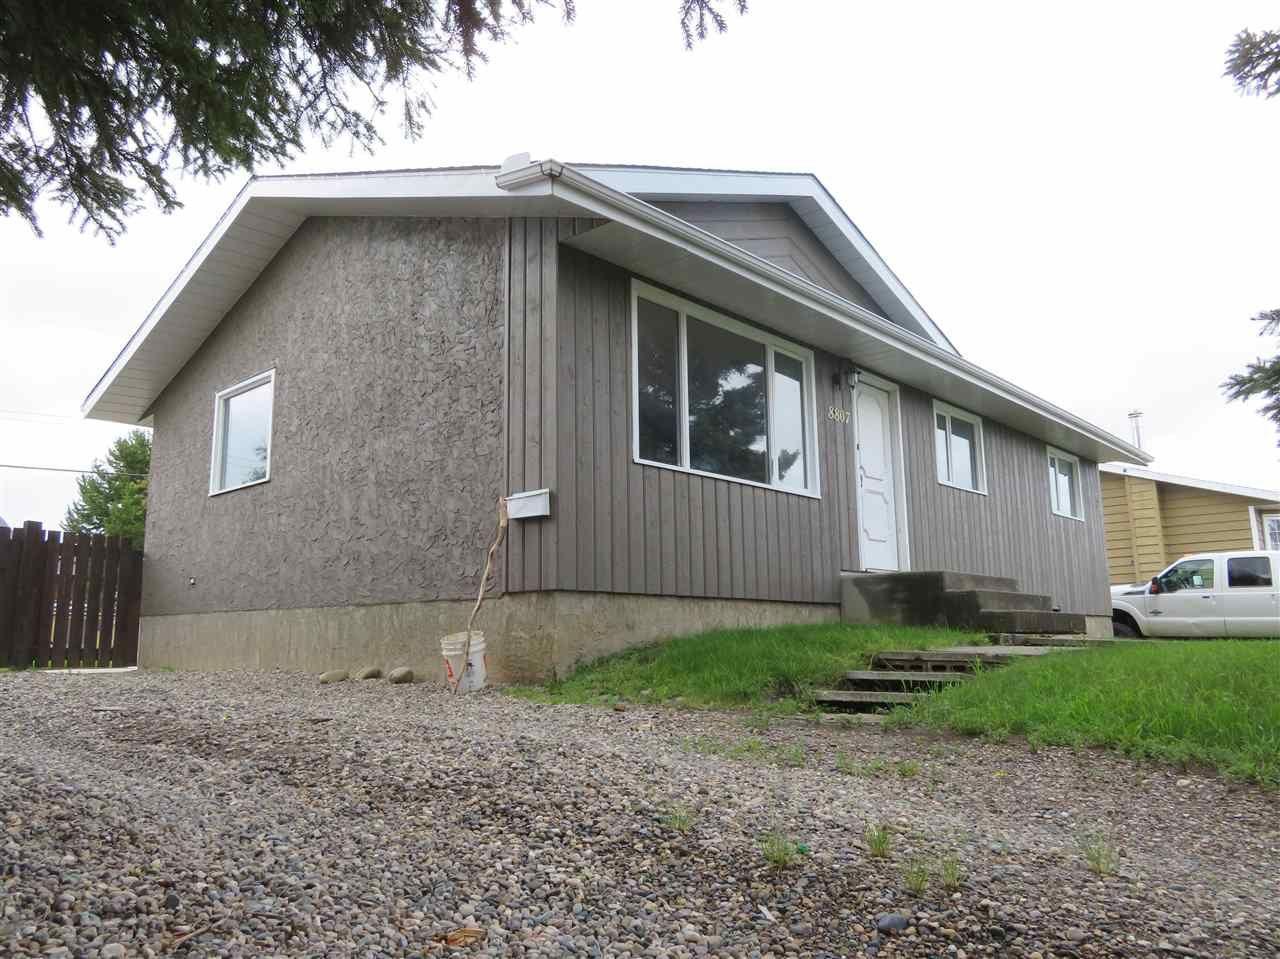 Main Photo: 8807 116 Avenue in Fort St. John: Fort St. John - City NE House for sale (Fort St. John (Zone 60))  : MLS®# R2387923